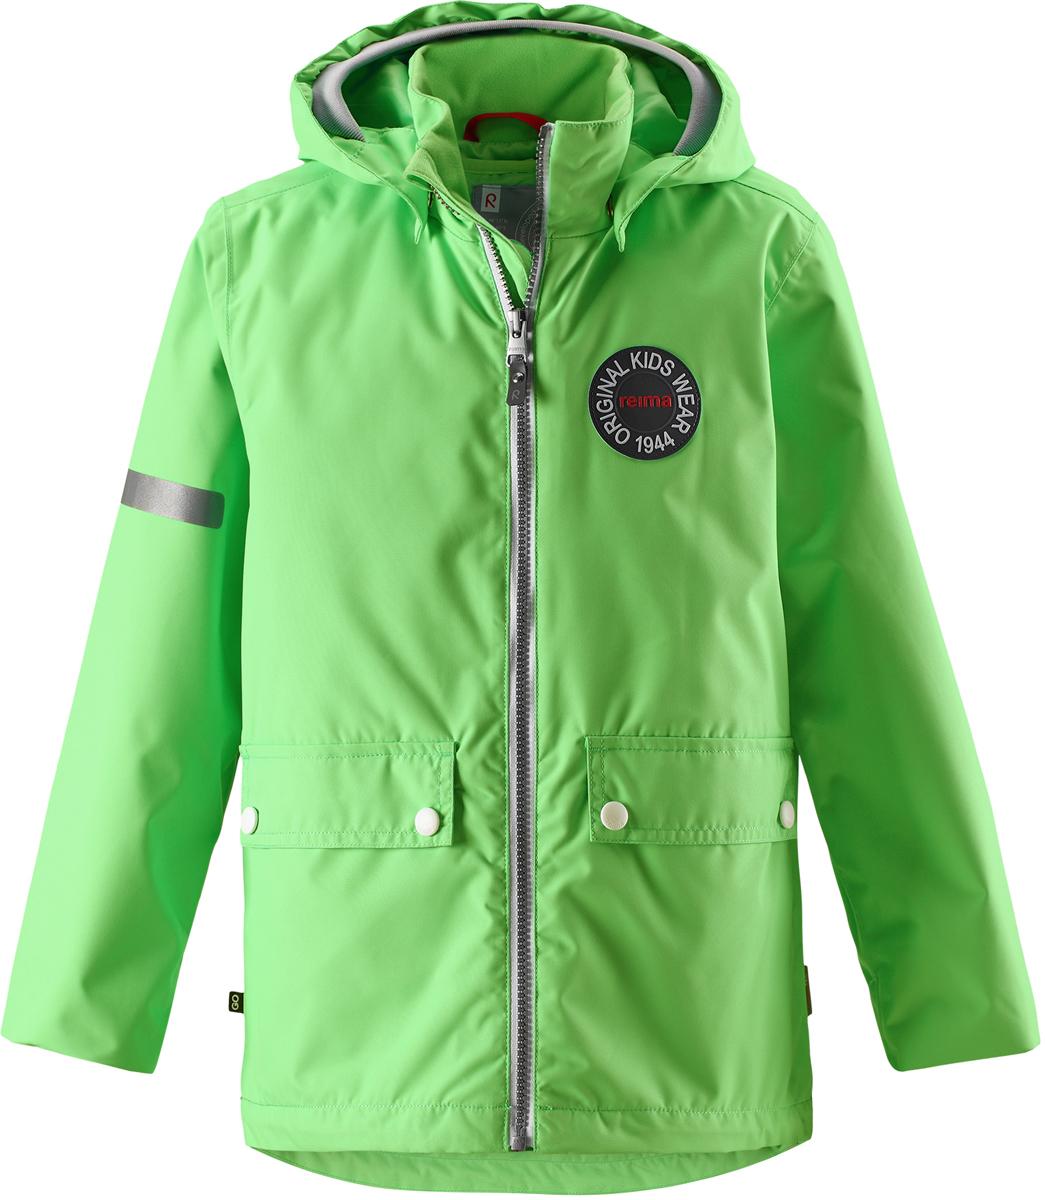 Куртка детская Reima, цвет: зеленый. 5215288460. Размер 985215288460Детская куртка Reima выполнена из полиэстера с полиуретановым покрытием. Модель с воротником стойкой и съемным капюшоном застегивается на застежку-молнию. Капюшон пристегивается с помощью кнопок. Спереди расположены прорезные карманы с клапанами на кнопках. Низ рукавов дополнен трикотажными манжетами. Куртка оснащена съемной утепленной жилеткой. Изделие имеет светоотражающие элементы.